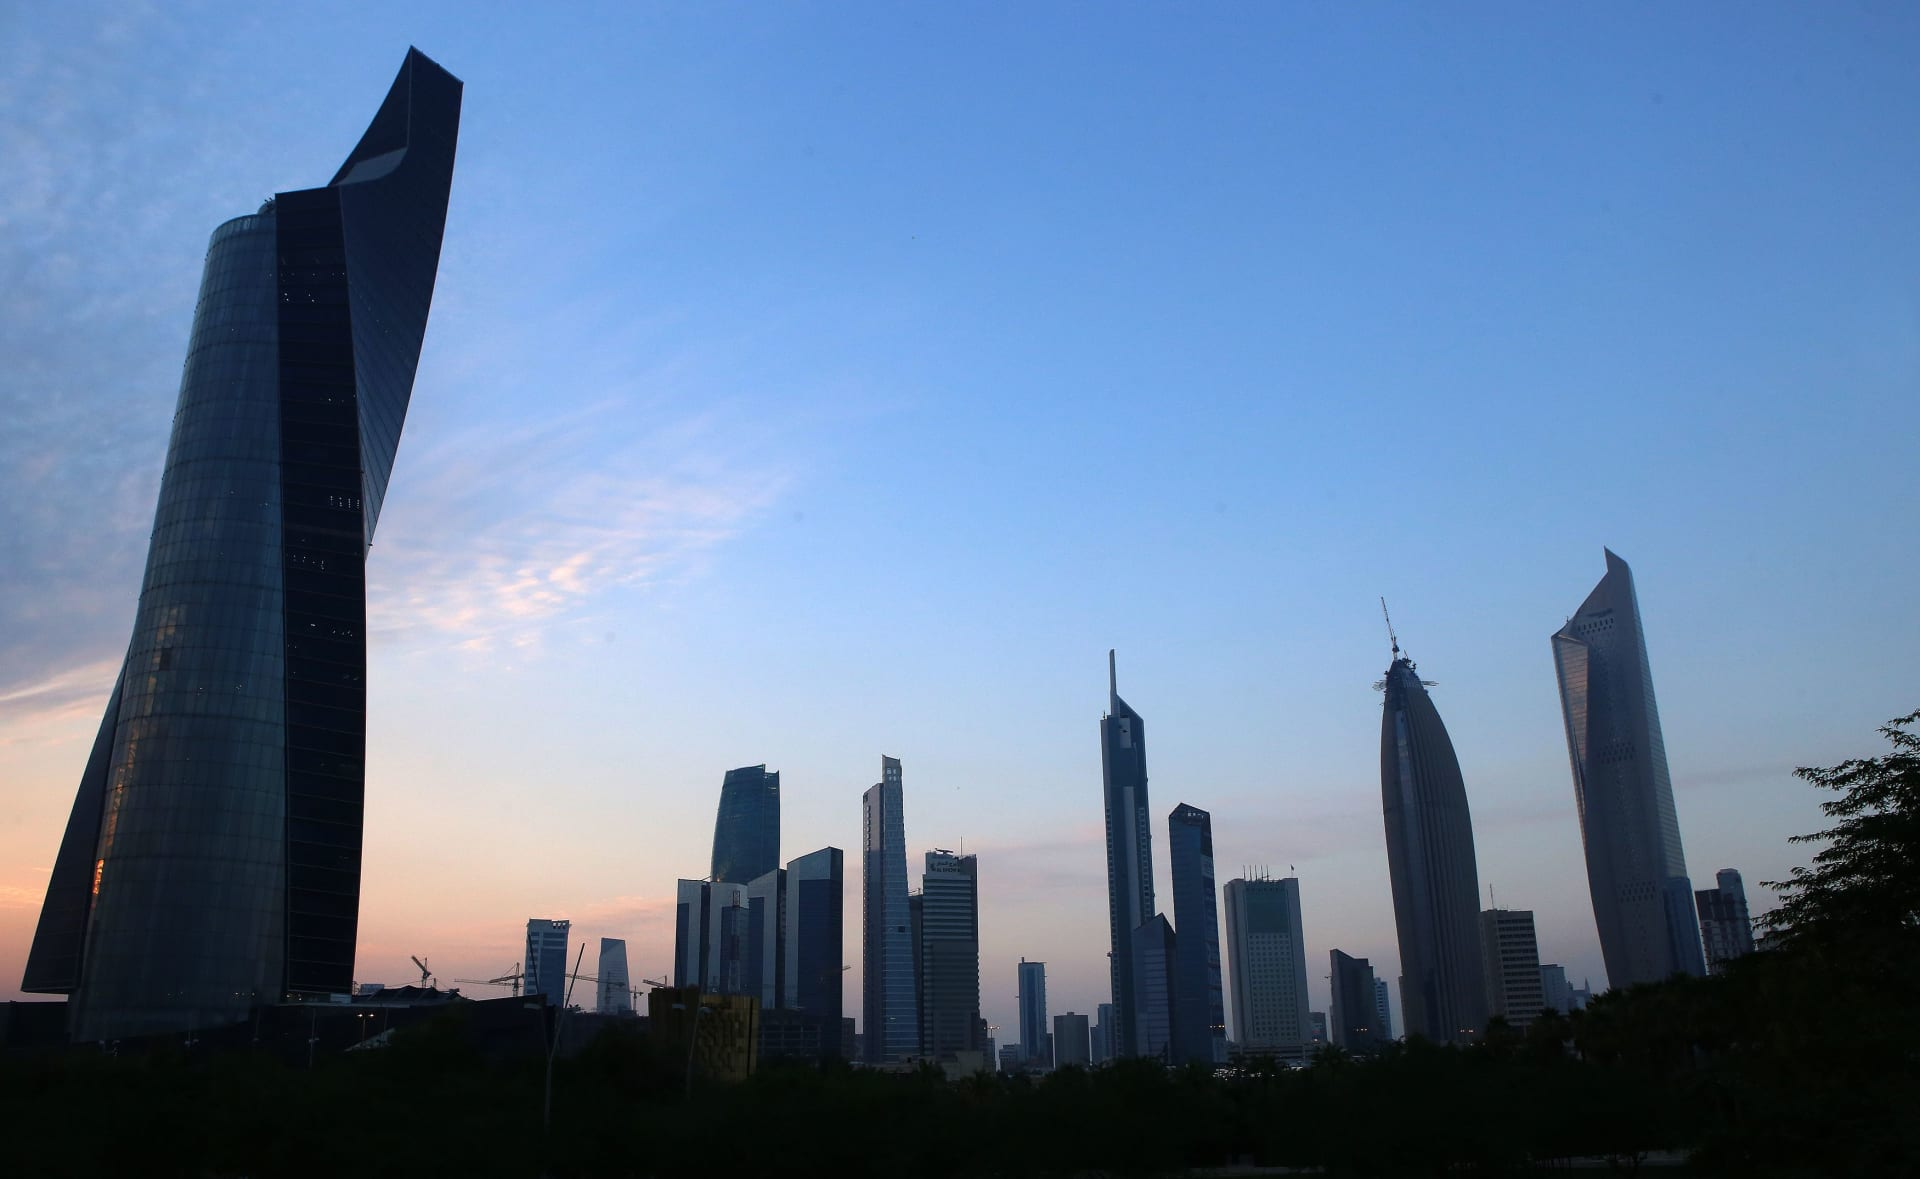 الكويت تنفي صحة رسالة إلى أمريكا حول إدراج مواطنين ومؤسسات على عقوبات إيران